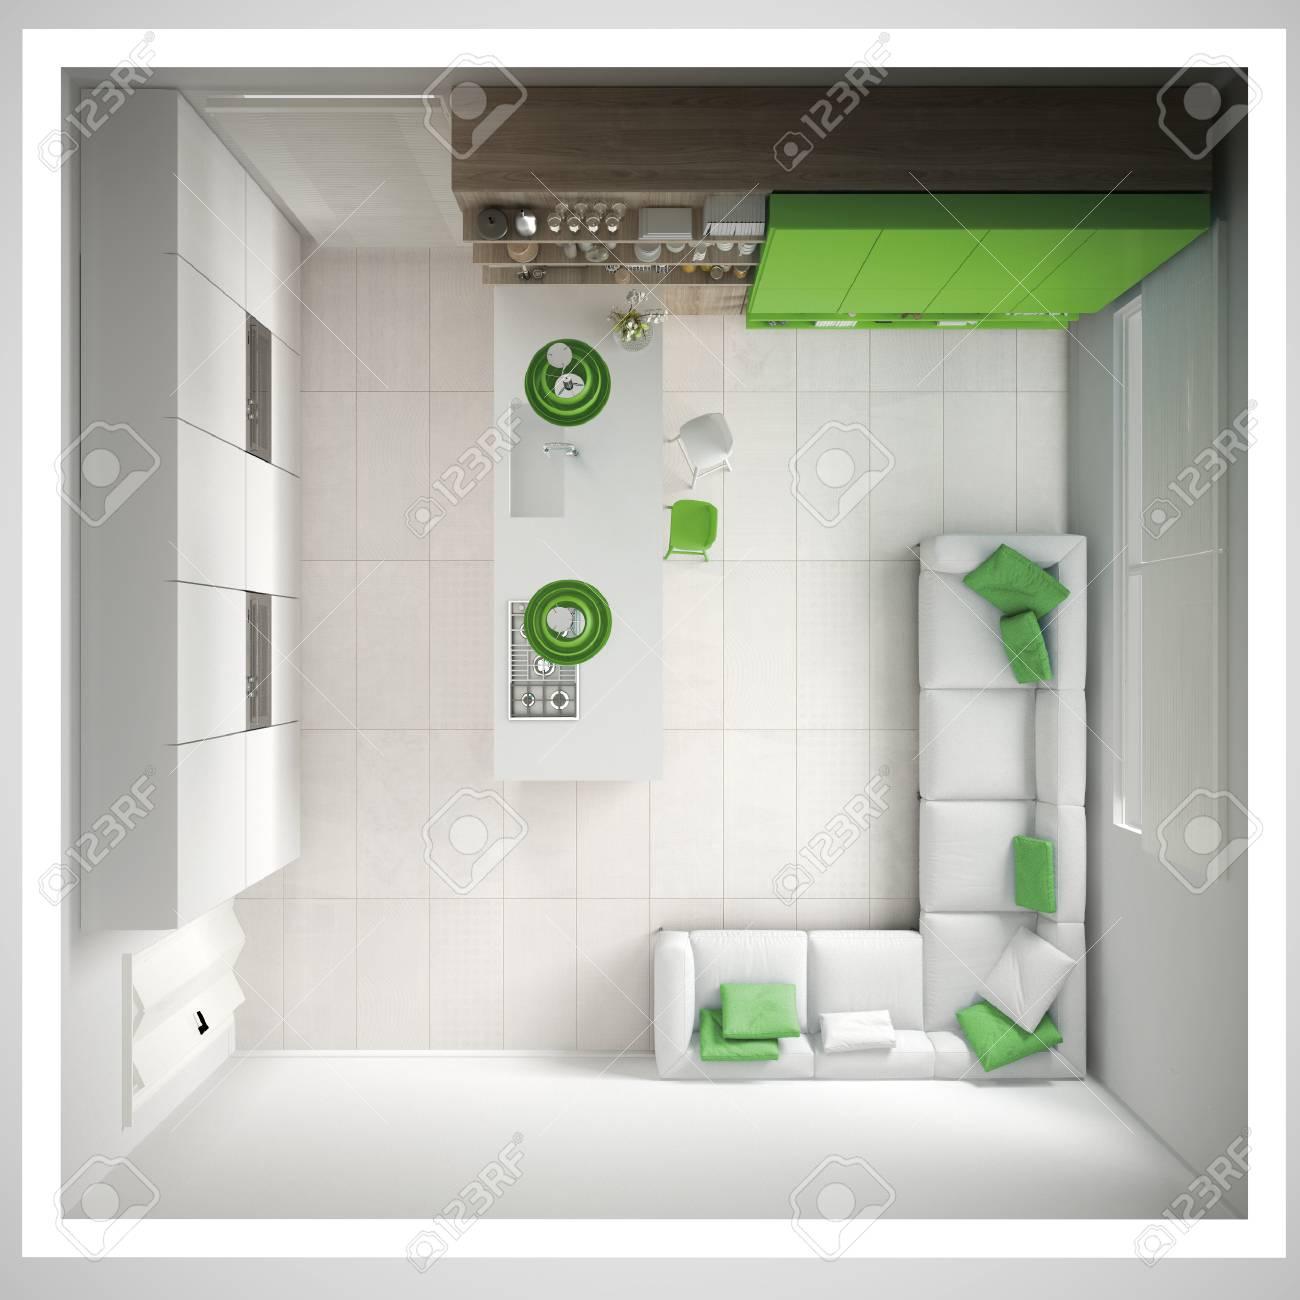 Cucina bianca minimalista, con dettagli in legno e verde, interni minimali,  sezione trasversale, vista dall\'alto